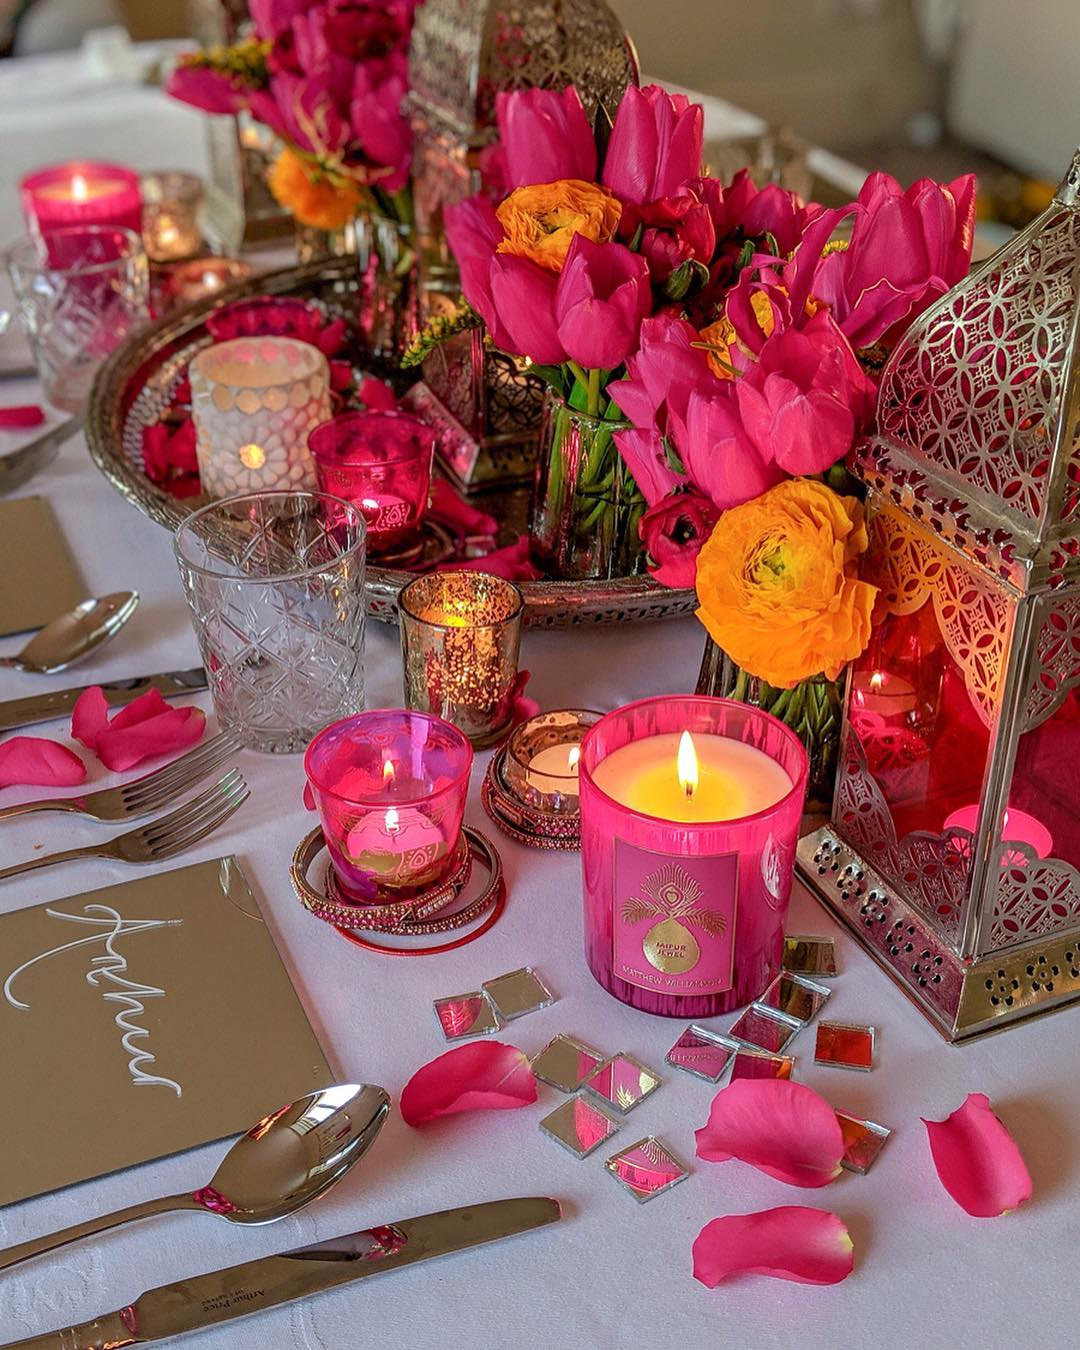 Foto de mesa decorada com rosas, pétalas e velas em tons de pink